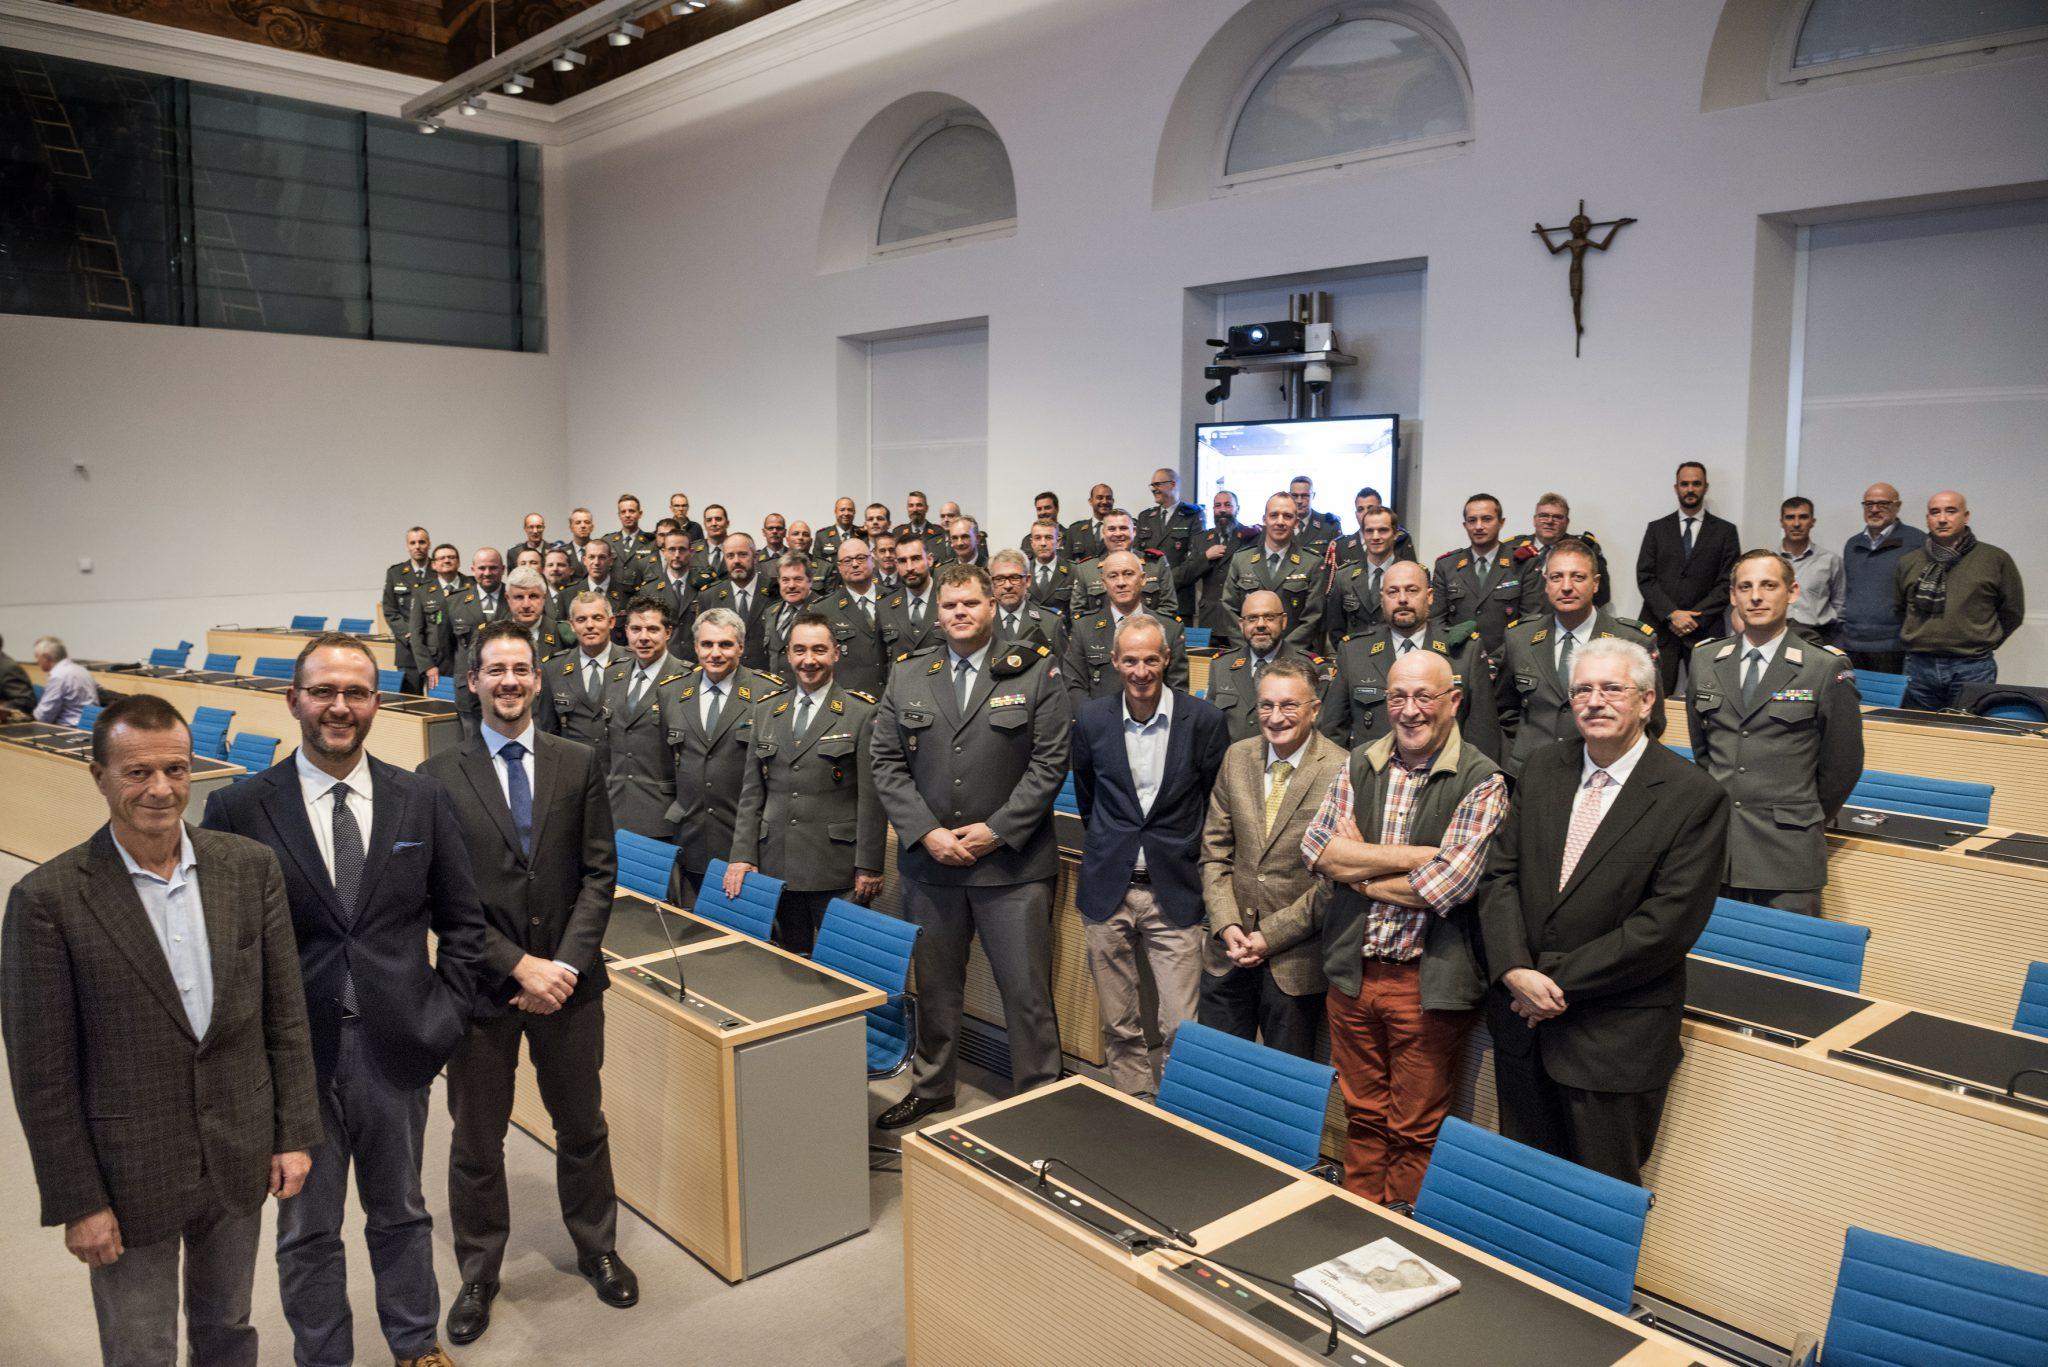 Norman Gobbi incontra ufficiali e sottufficiali professionisti dell'Esercito – Ospite l'ingegnere Sergio Magistri